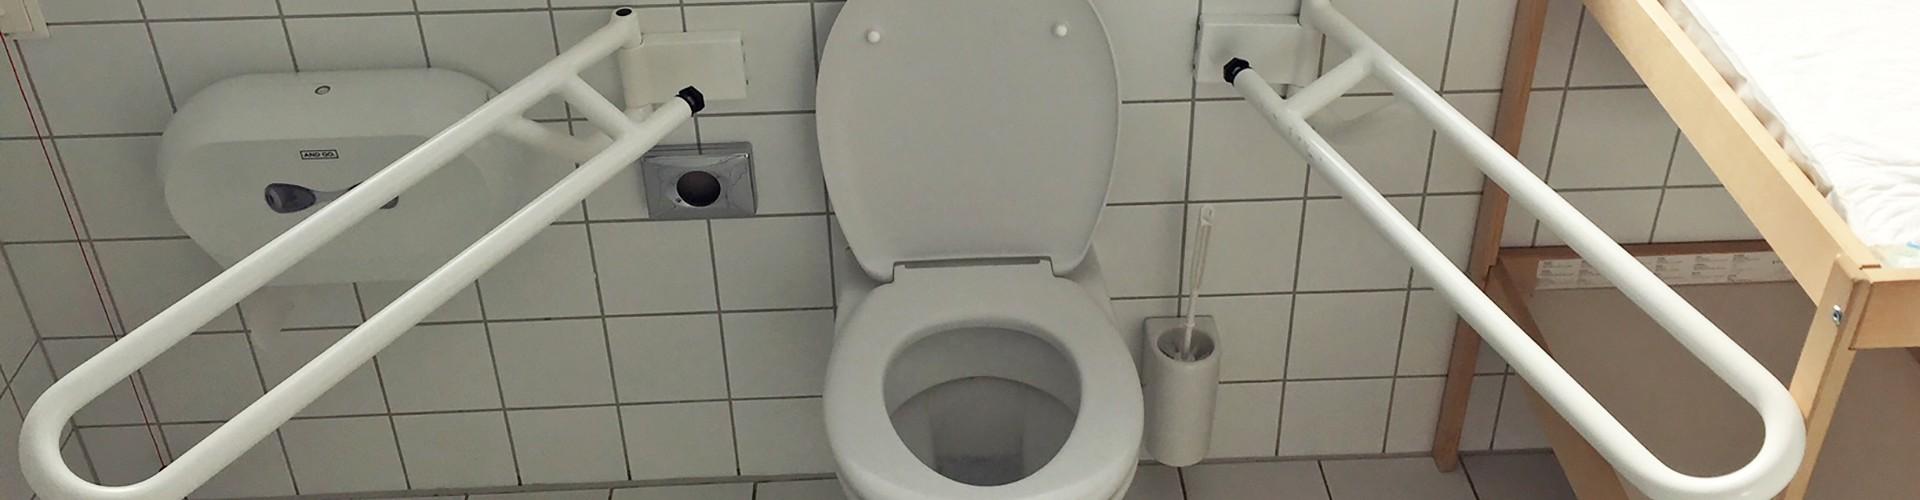 Frontalansicht auf eine barrrierefreie Toilette bei der die seitlichen Haltegriffe nicht von oben nach unten klappen sondern vom Toilettensitz nach außen schwenken.